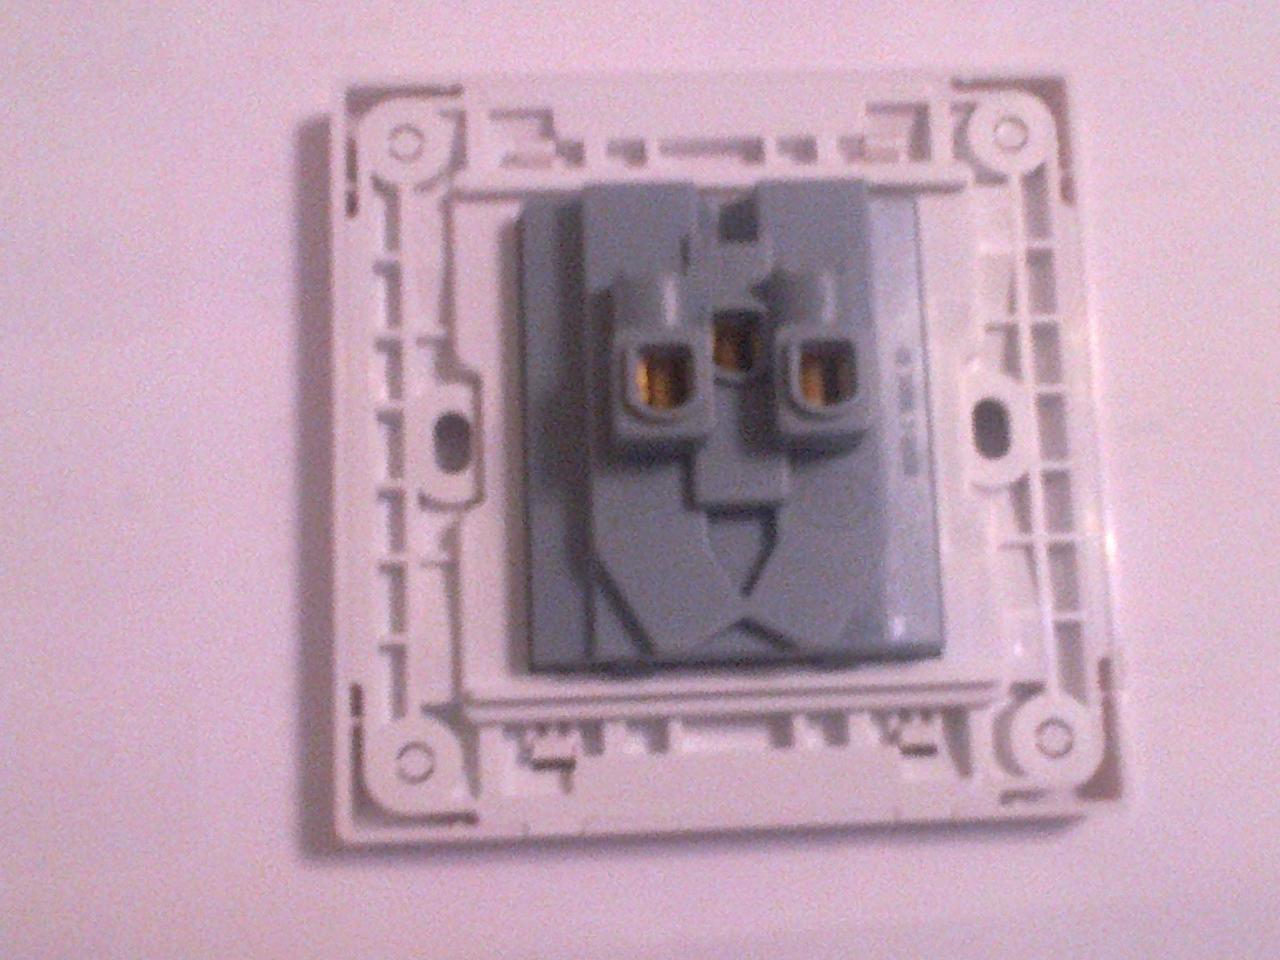 明装电视插座接线图-西蒙有线电视插座接线